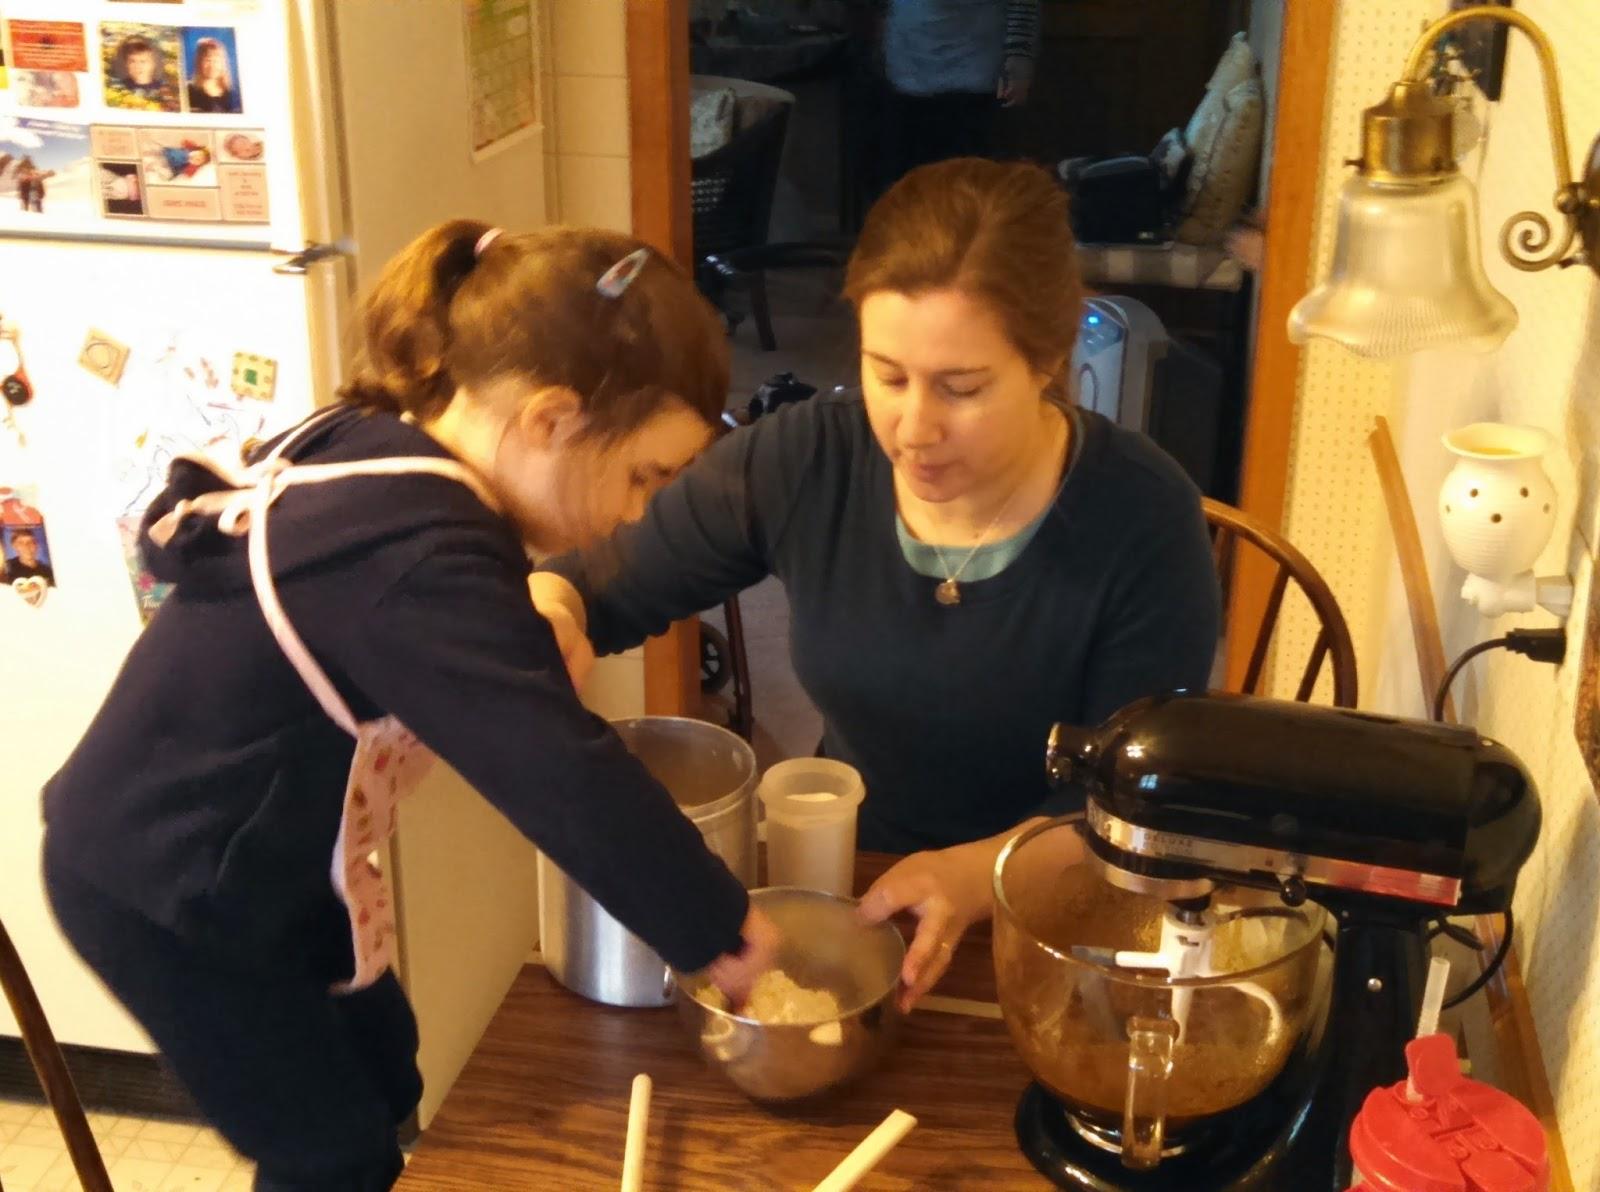 making Lebkuchen